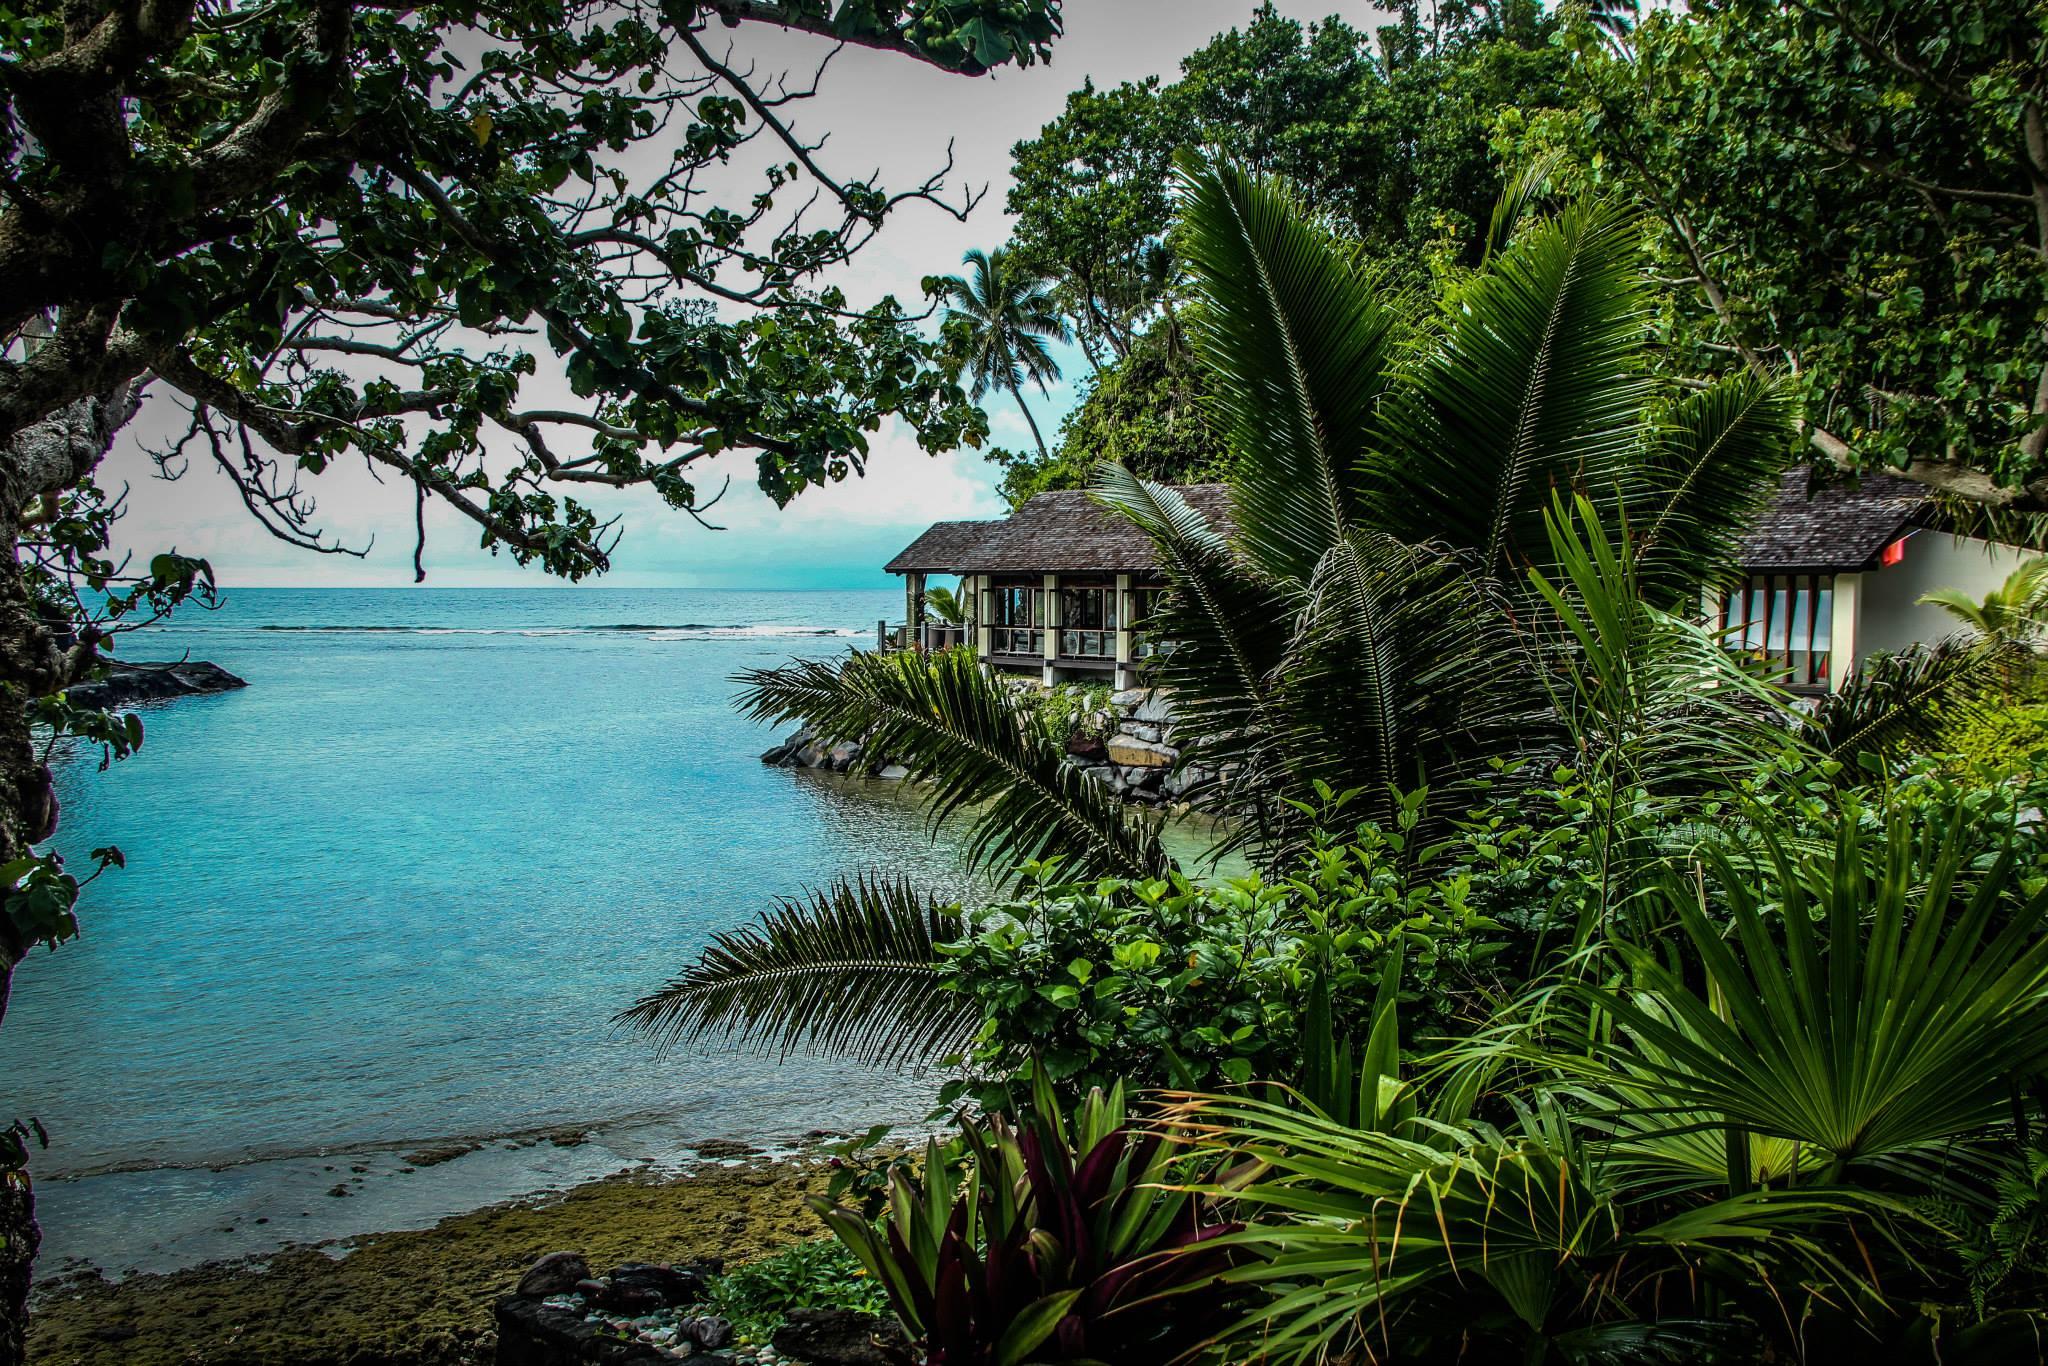 seabreeze resort aufagna south coast samoa 01.jpg